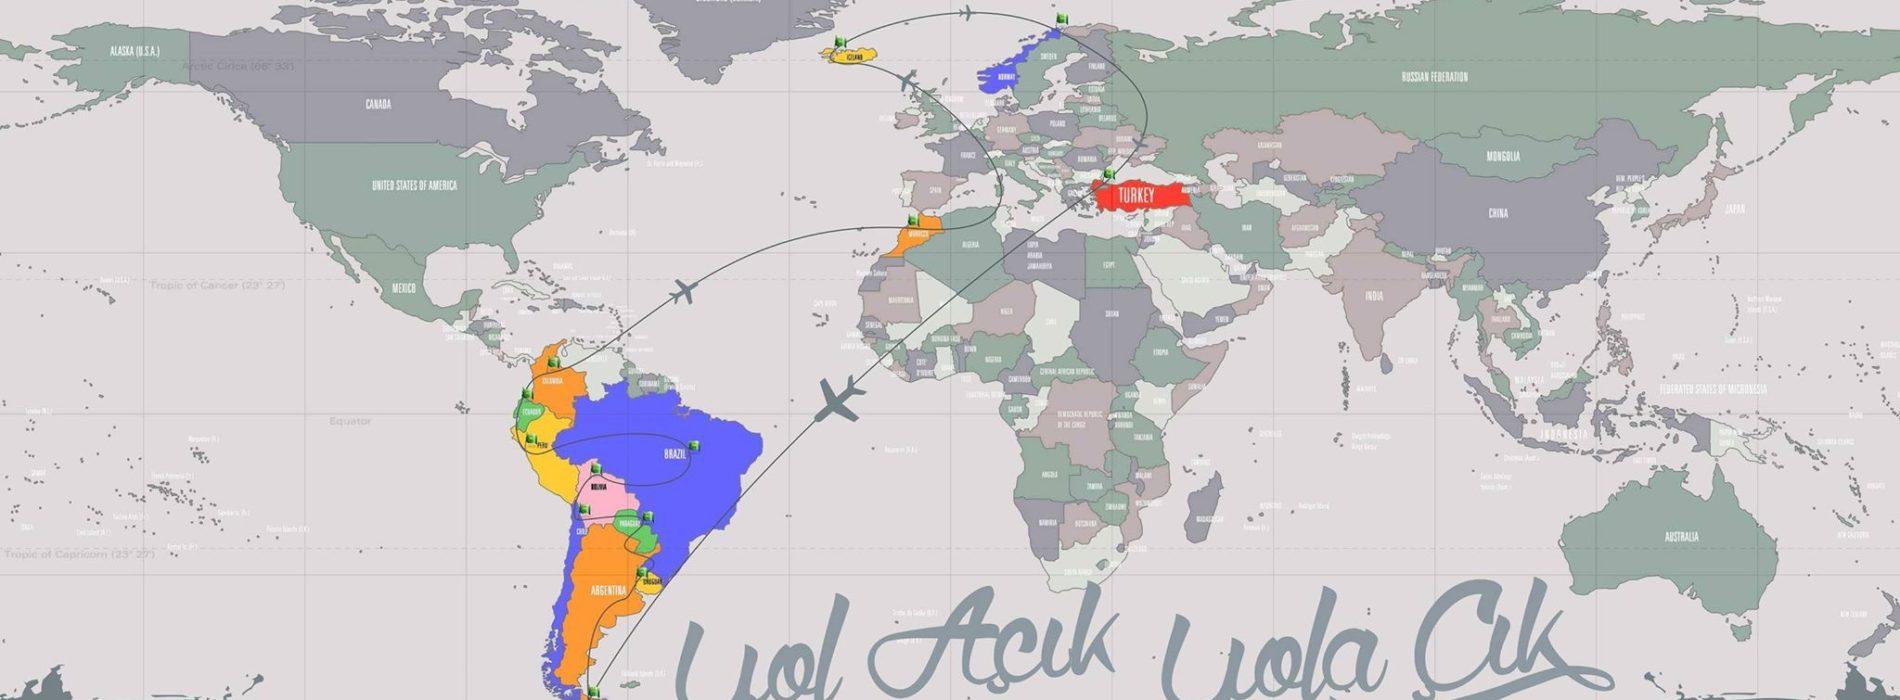 Odanıza Asabileceğiniz Boyama Haritaları ( İndir )